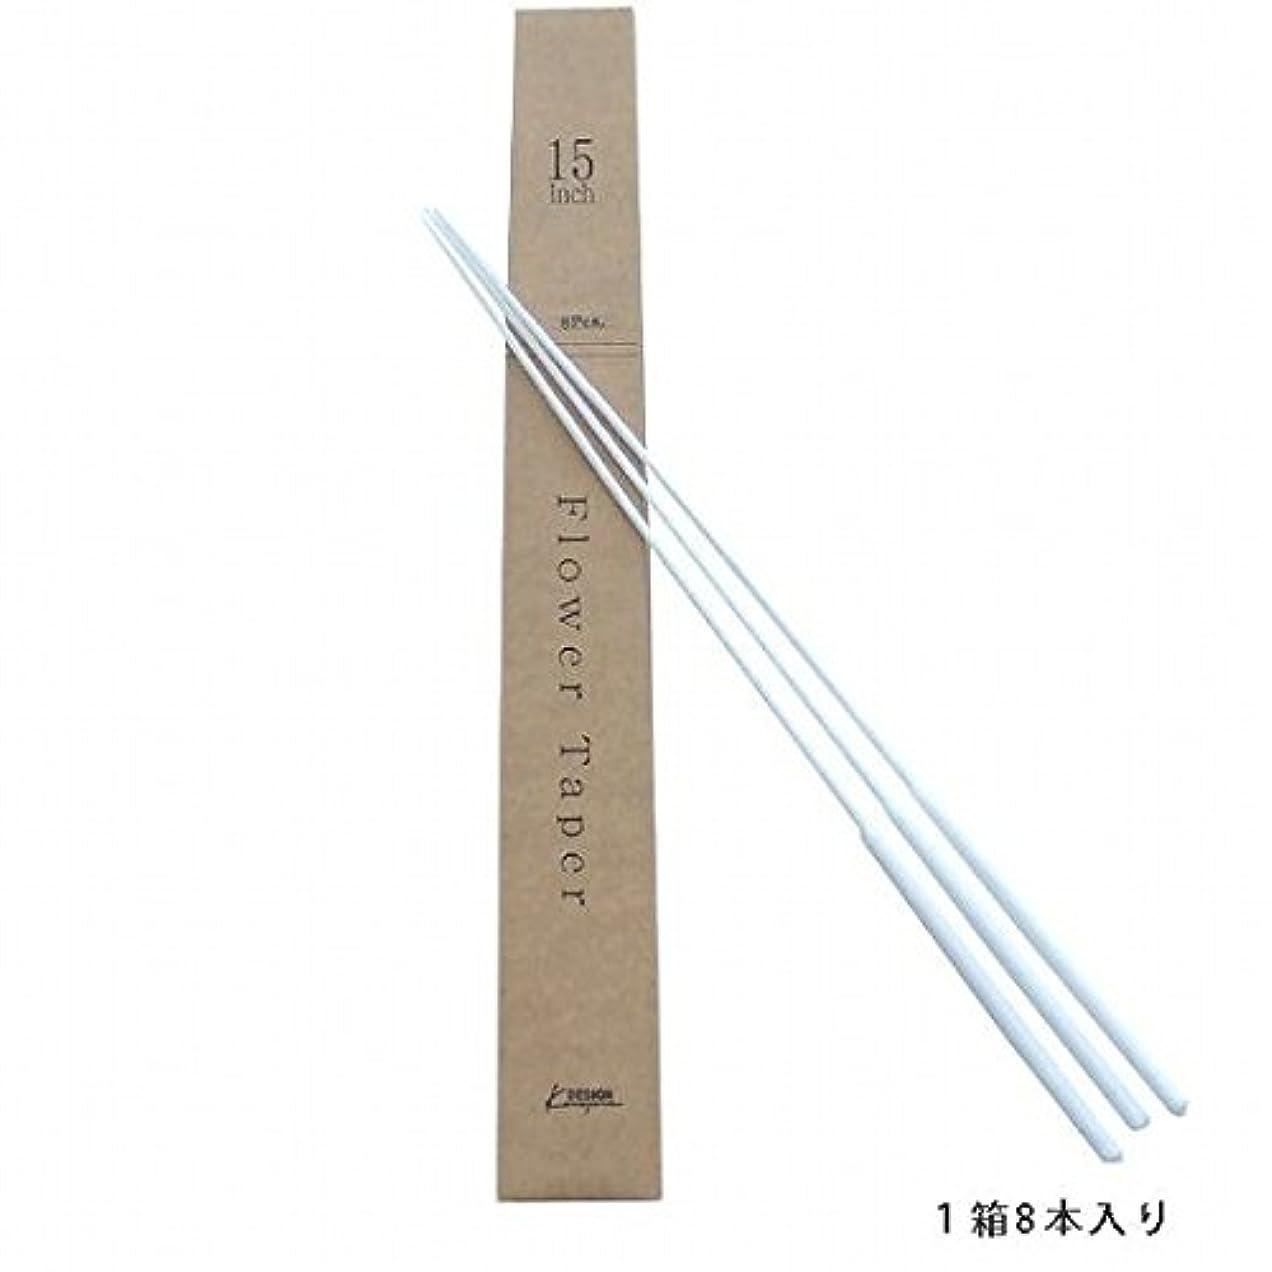 惑星代理店歯科のkameyama candle(カメヤマキャンドル) 15インチトーチ用フラワーテーパー 8本入 「 ホワイト 」(71839998W)